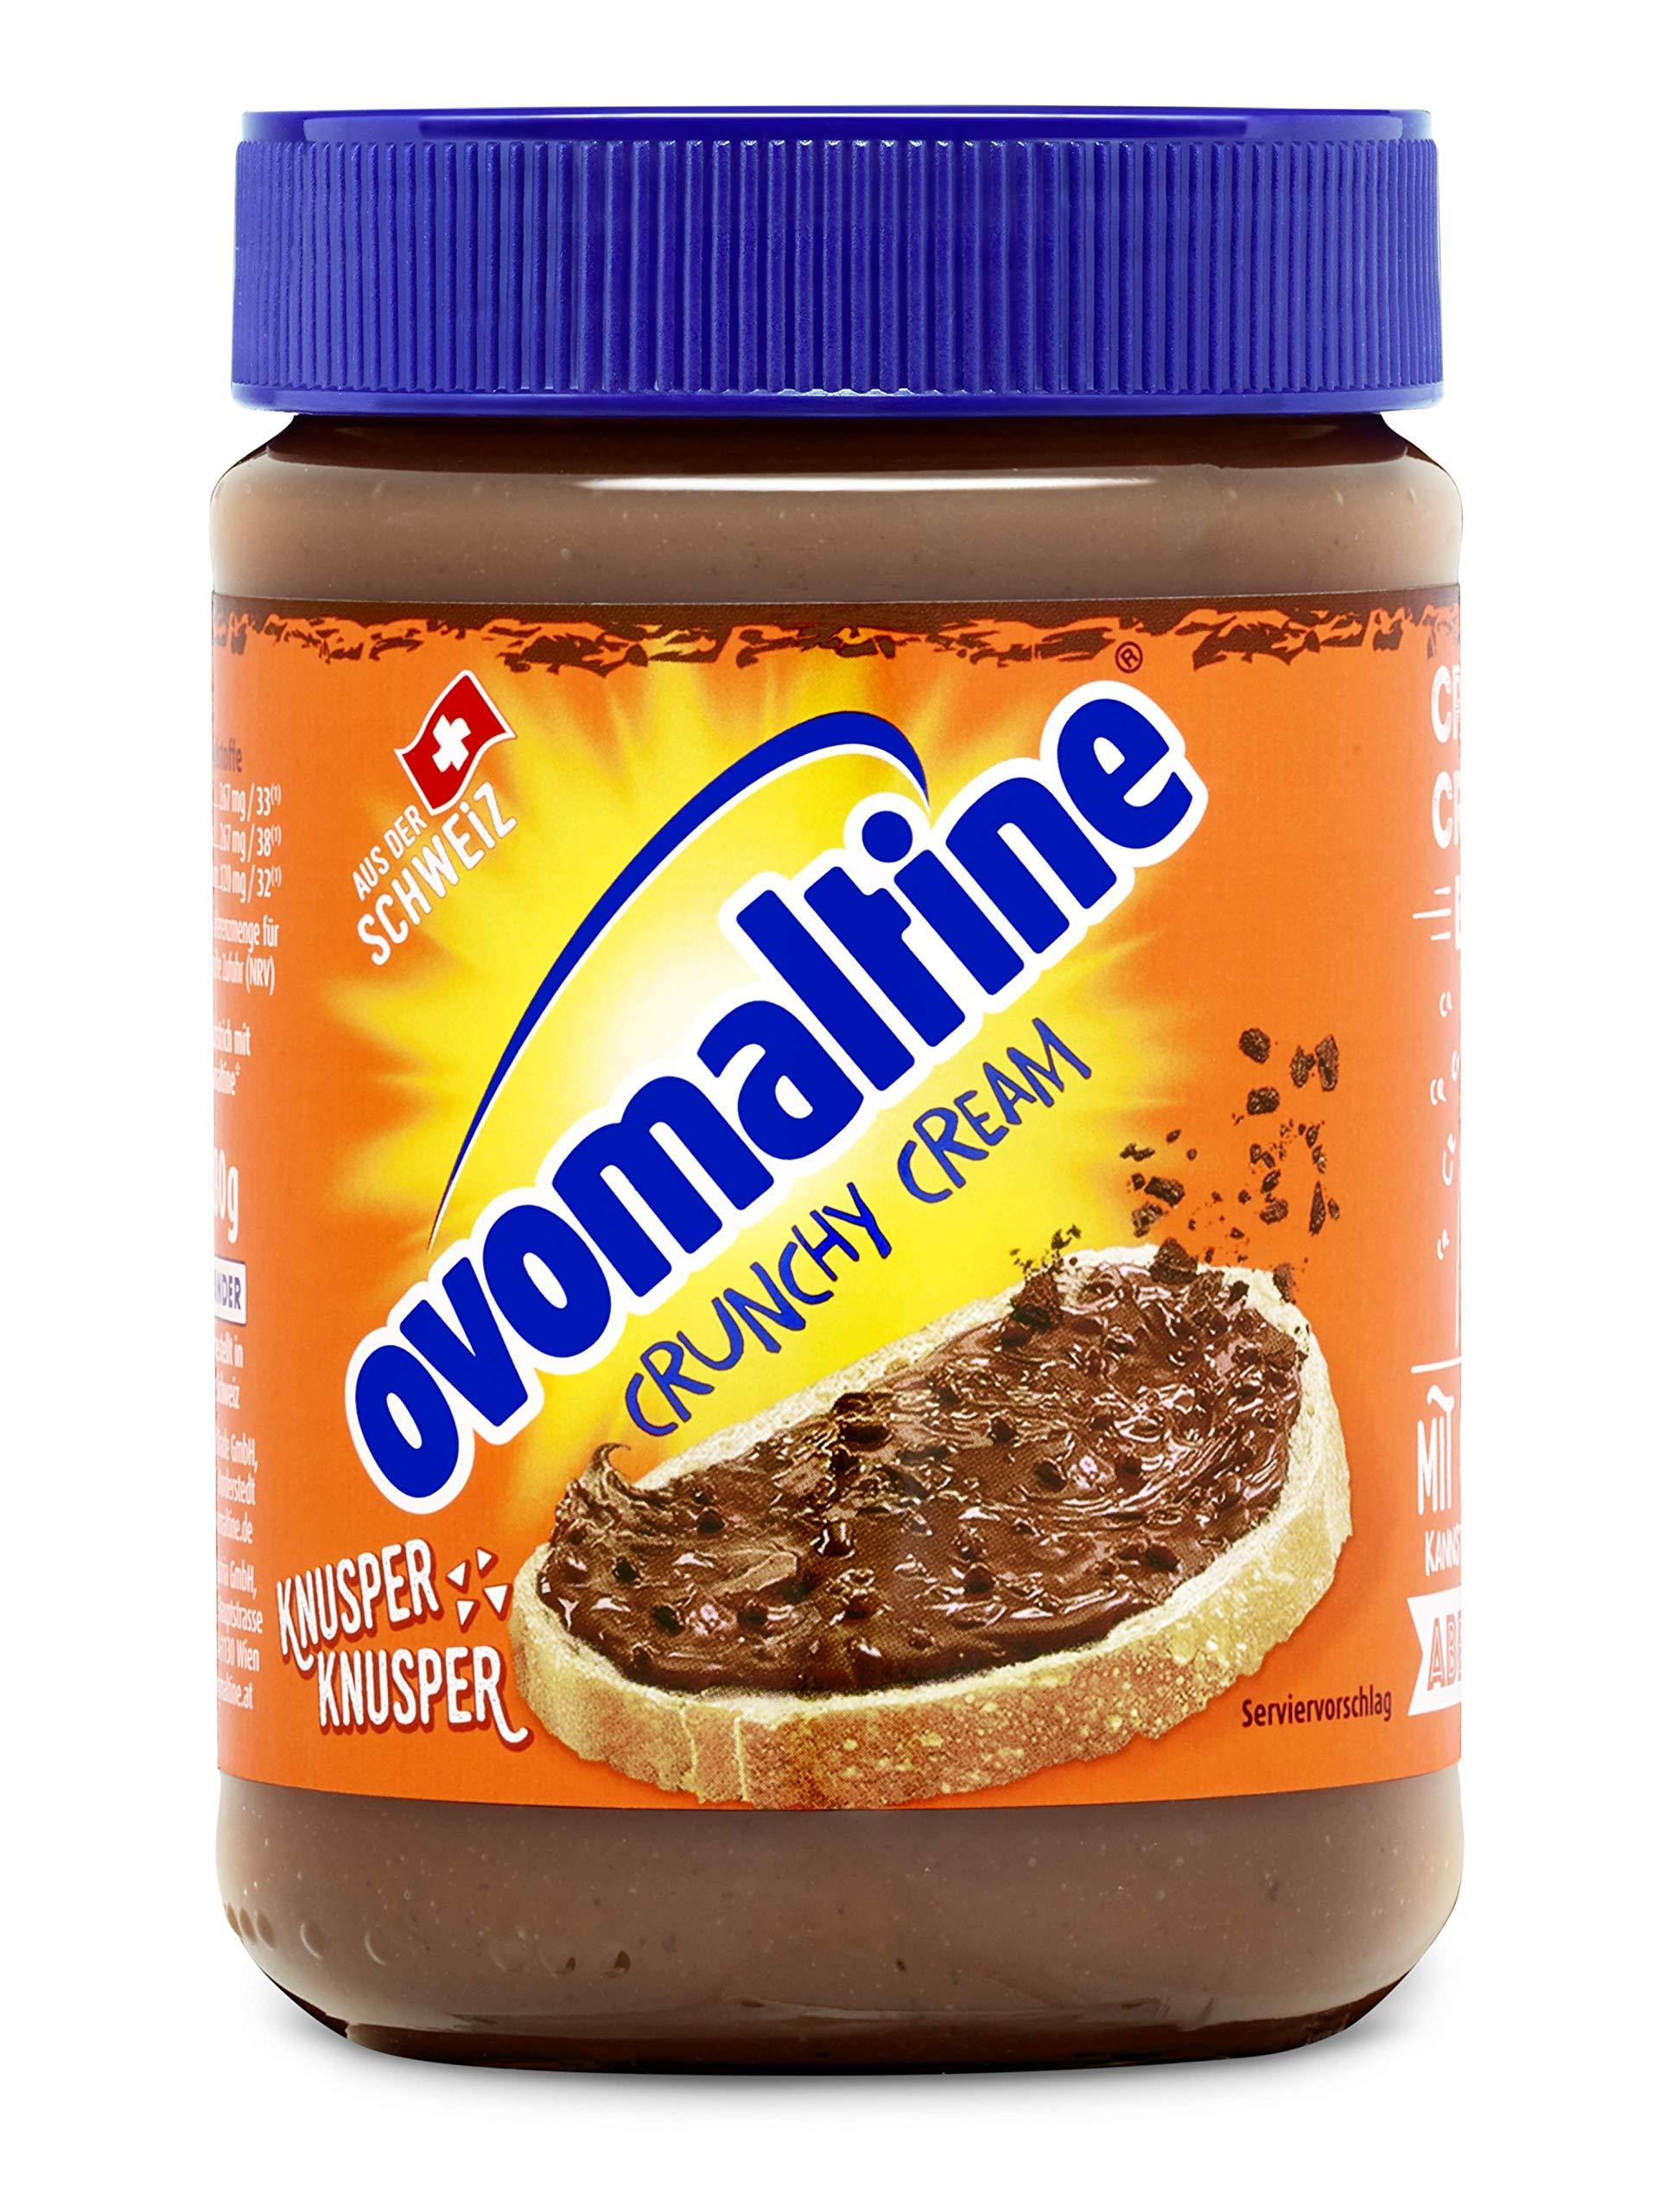 Ovaltine Crunchy Cream 380g